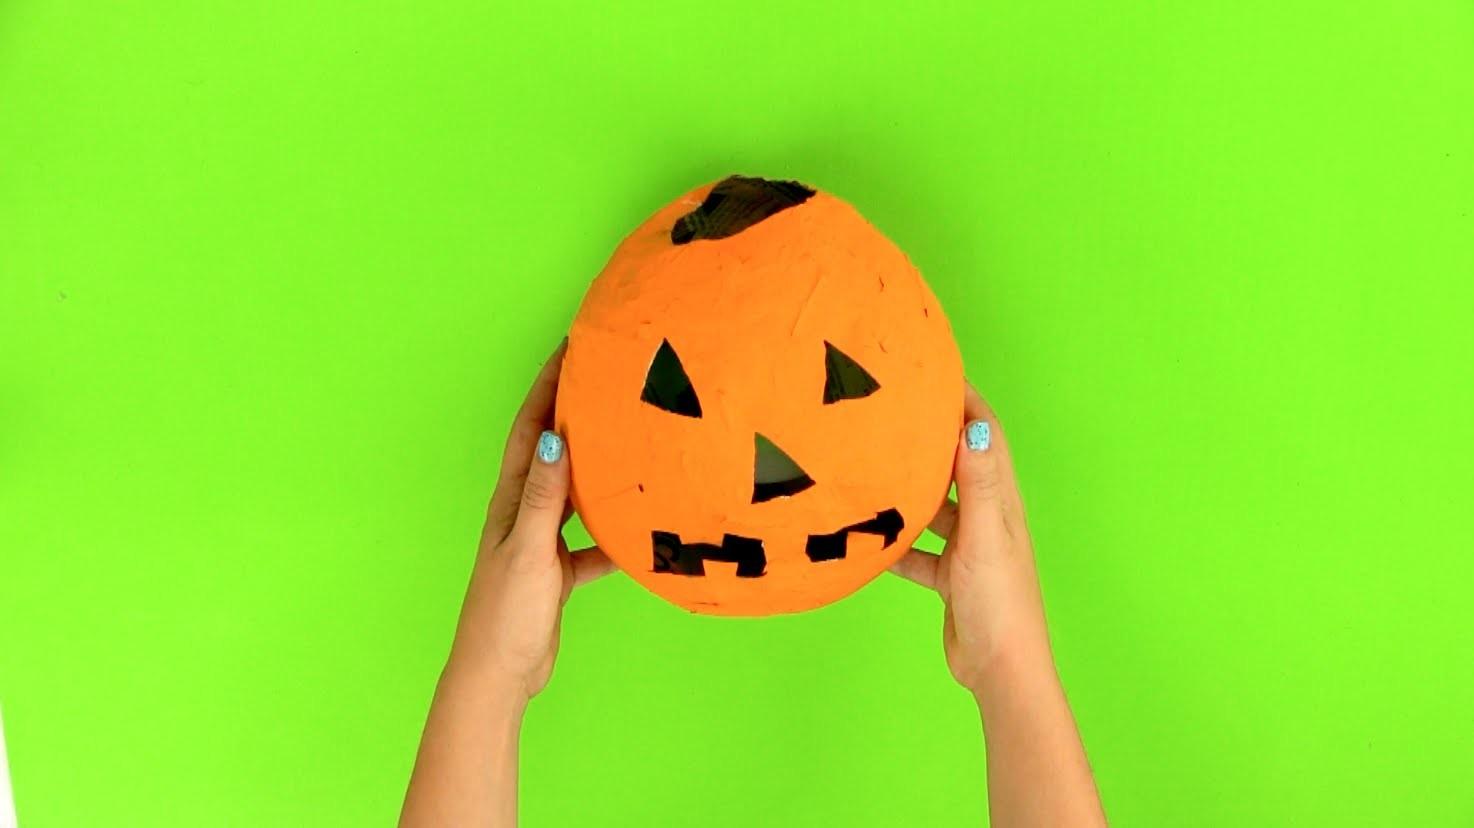 Cómo hacer un portavelas de Halloween paso a paso